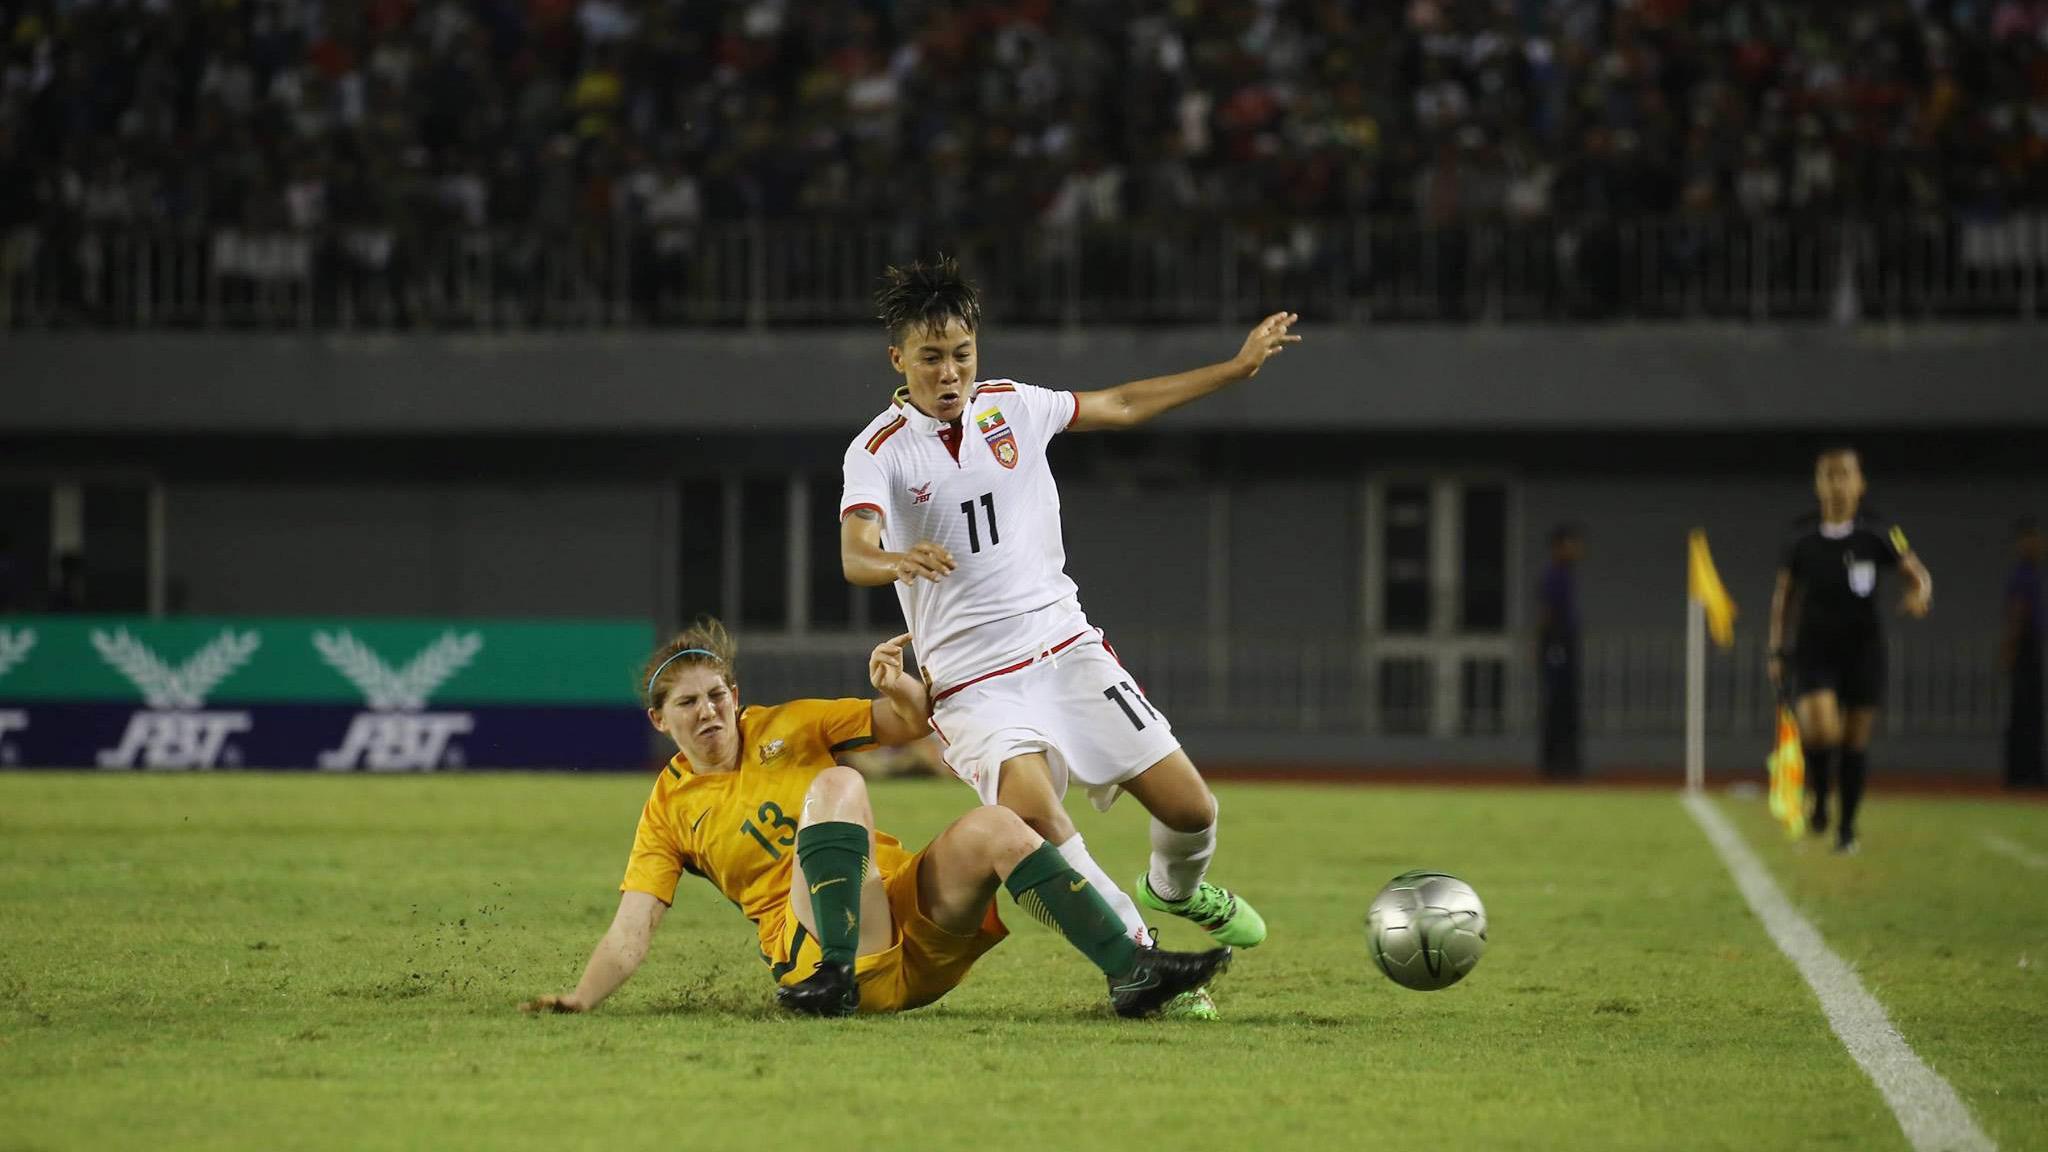 Myanmar (áo trắng) hoà U20 Australia 1-1, đứng nhì bảng B, sẽ gặp Việt Nam tại bán kết